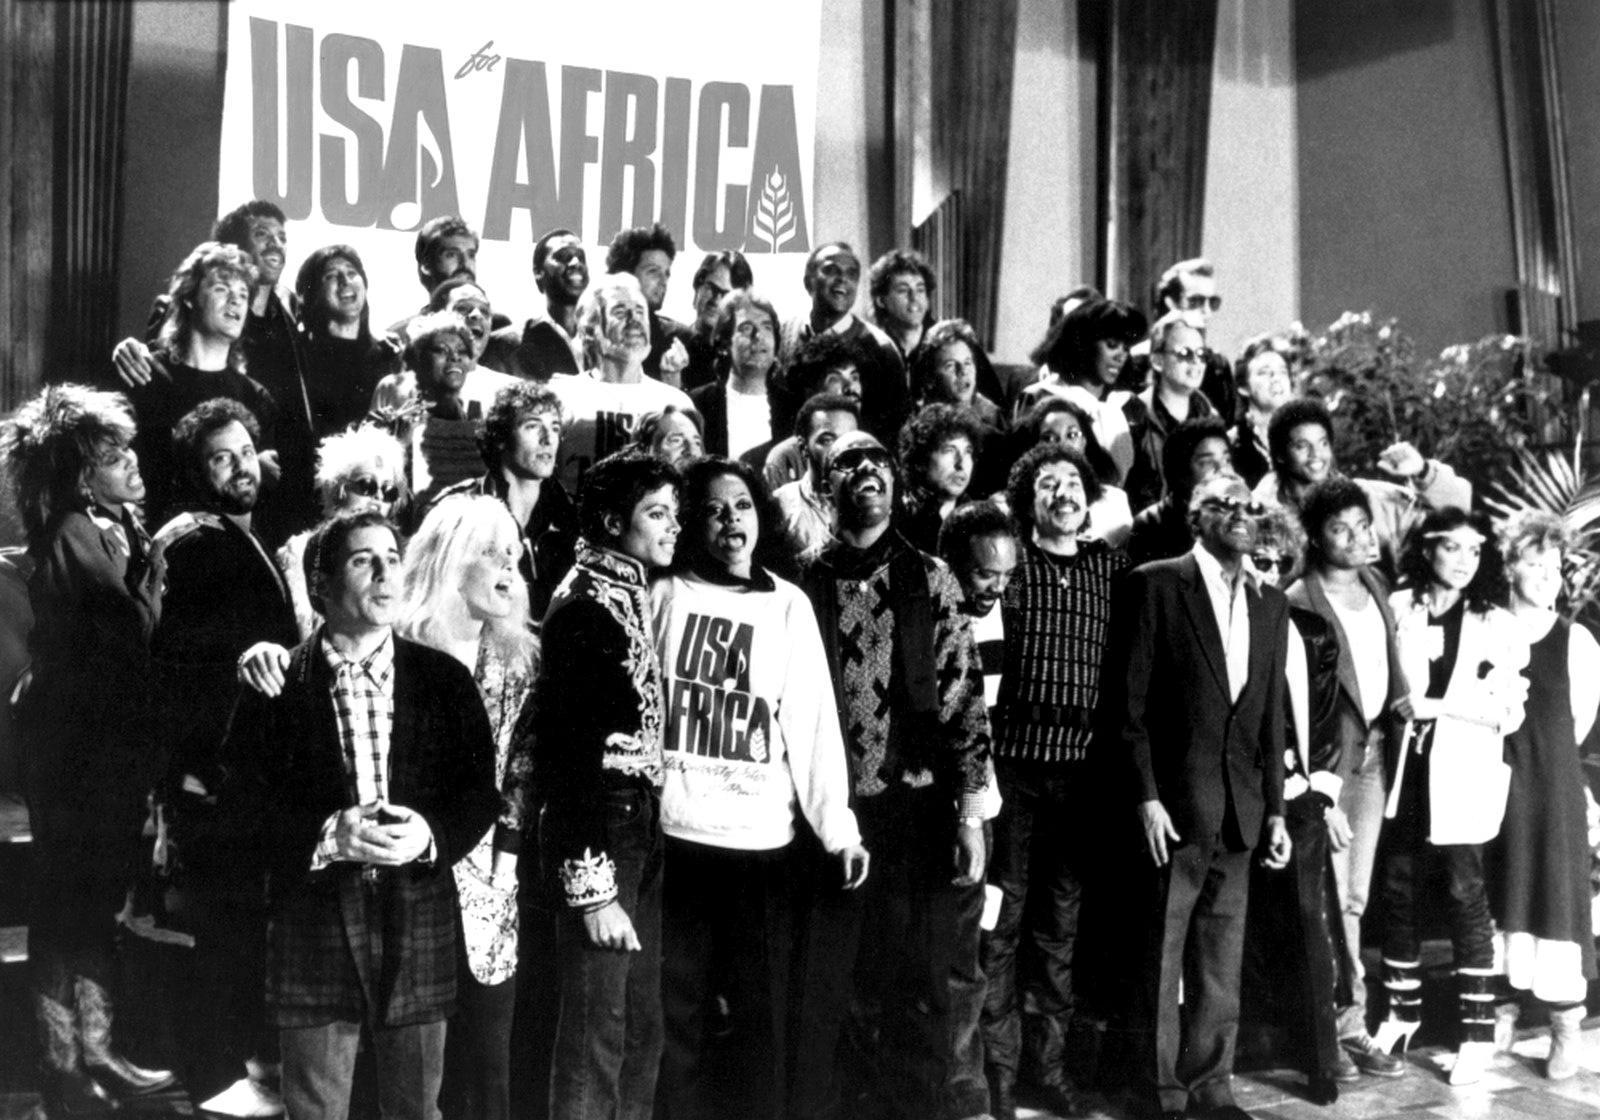 28 января в истории музыки - была записана песня We Are The World